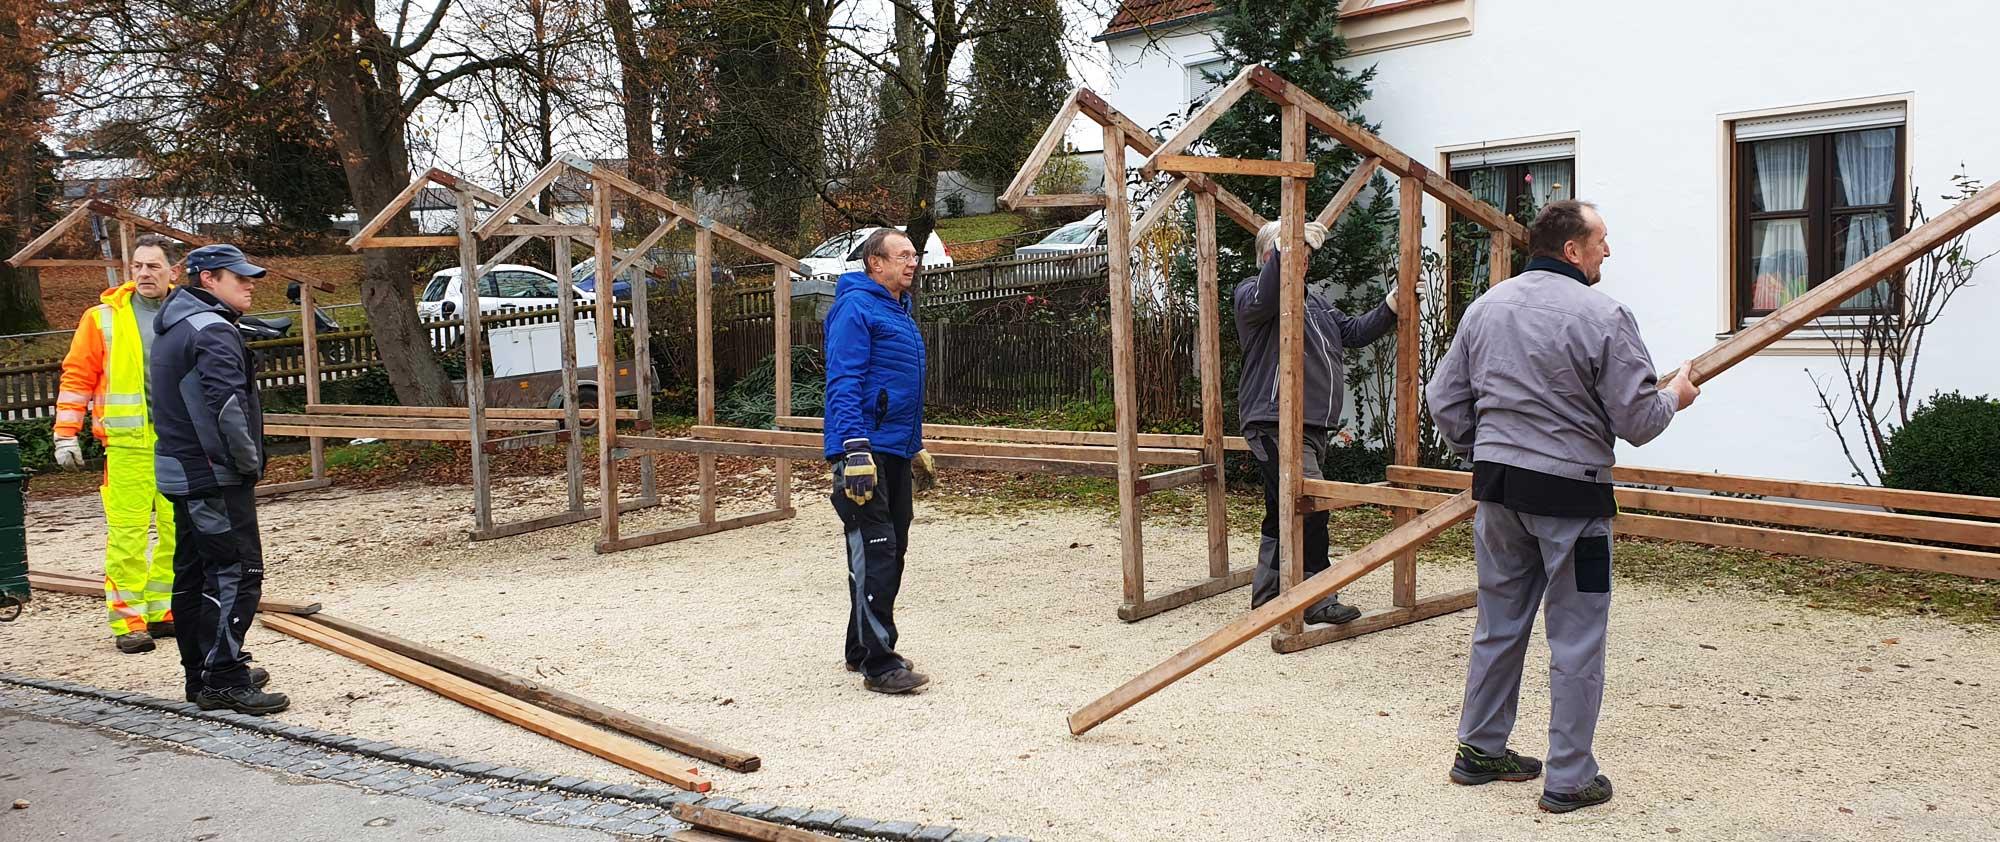 2019 Adventsmarkt in Gottmannshofen - Aufbau der Verkaufsstände